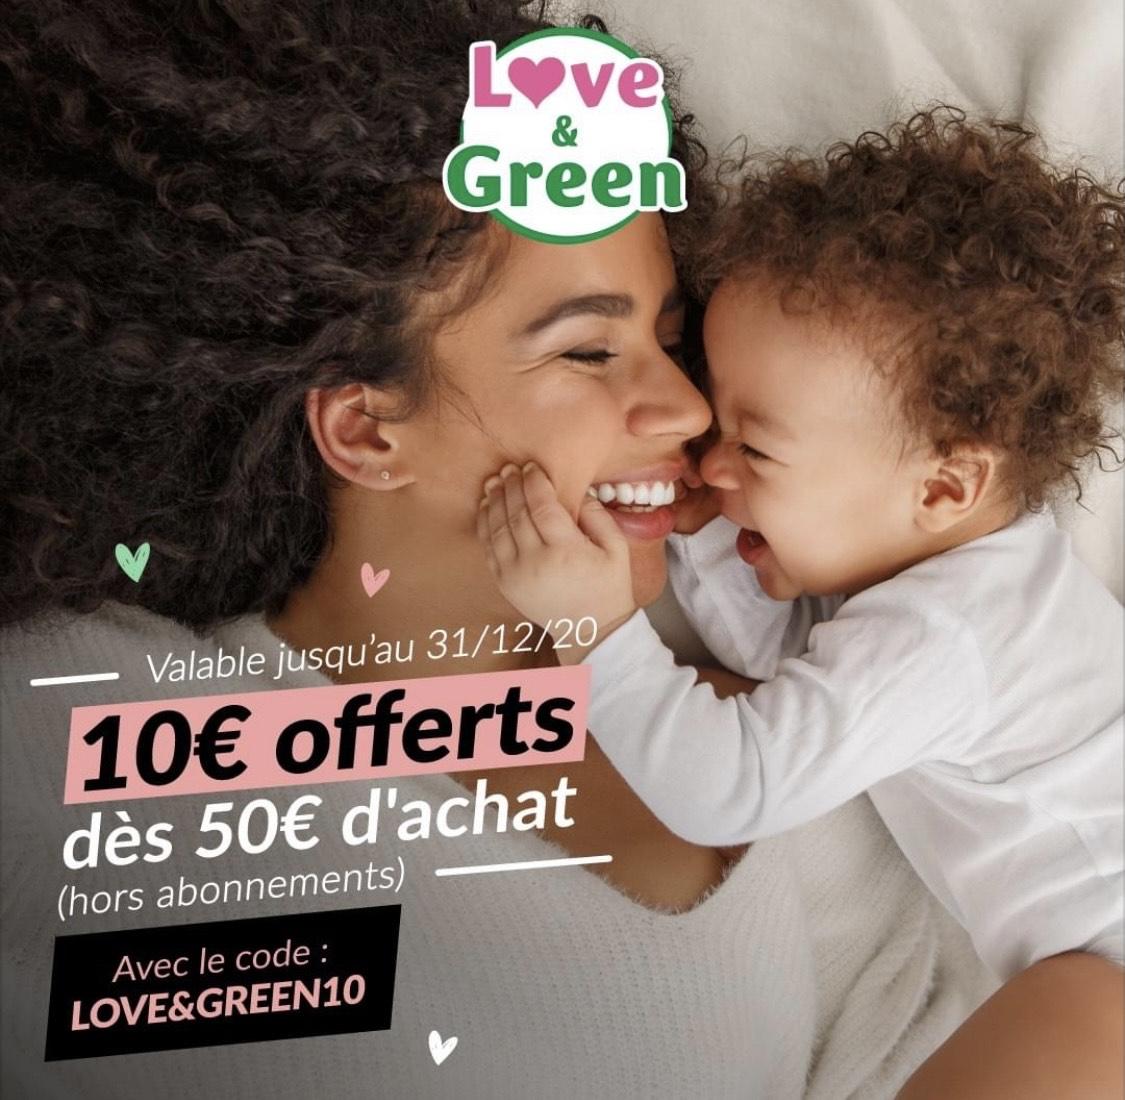 10€ de réduction dès 50€ d'achat (hors abonnement, loveandgreen.fr)